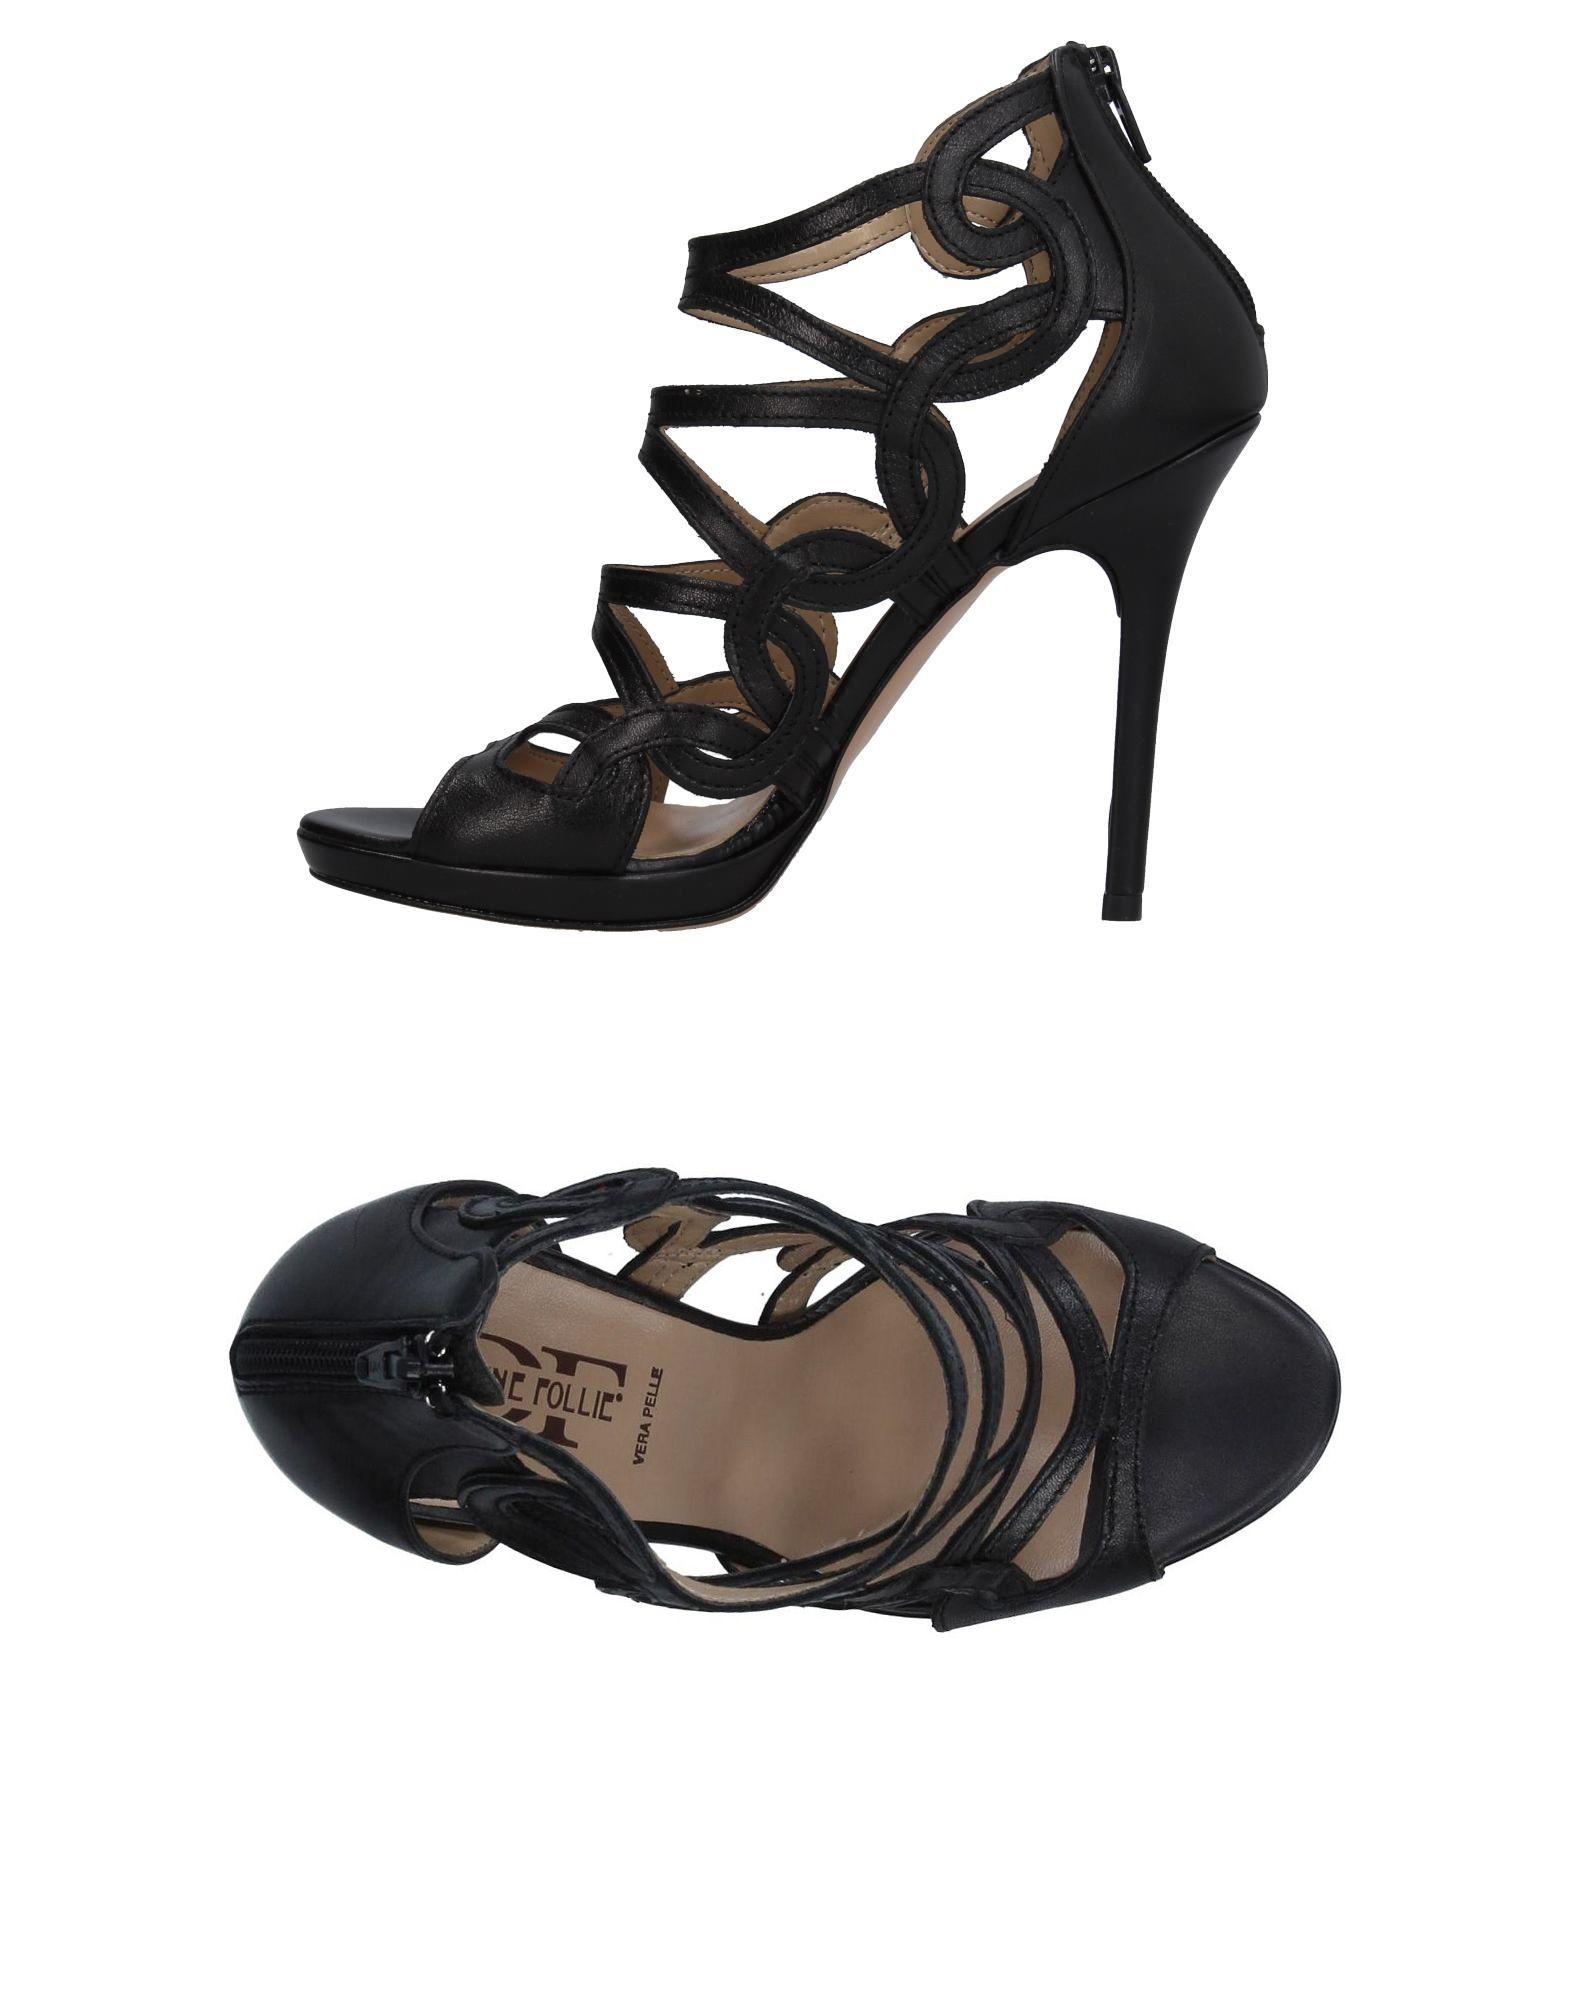 Divine Follie Sandalen Damen  11375847AI Gute Qualität beliebte Schuhe